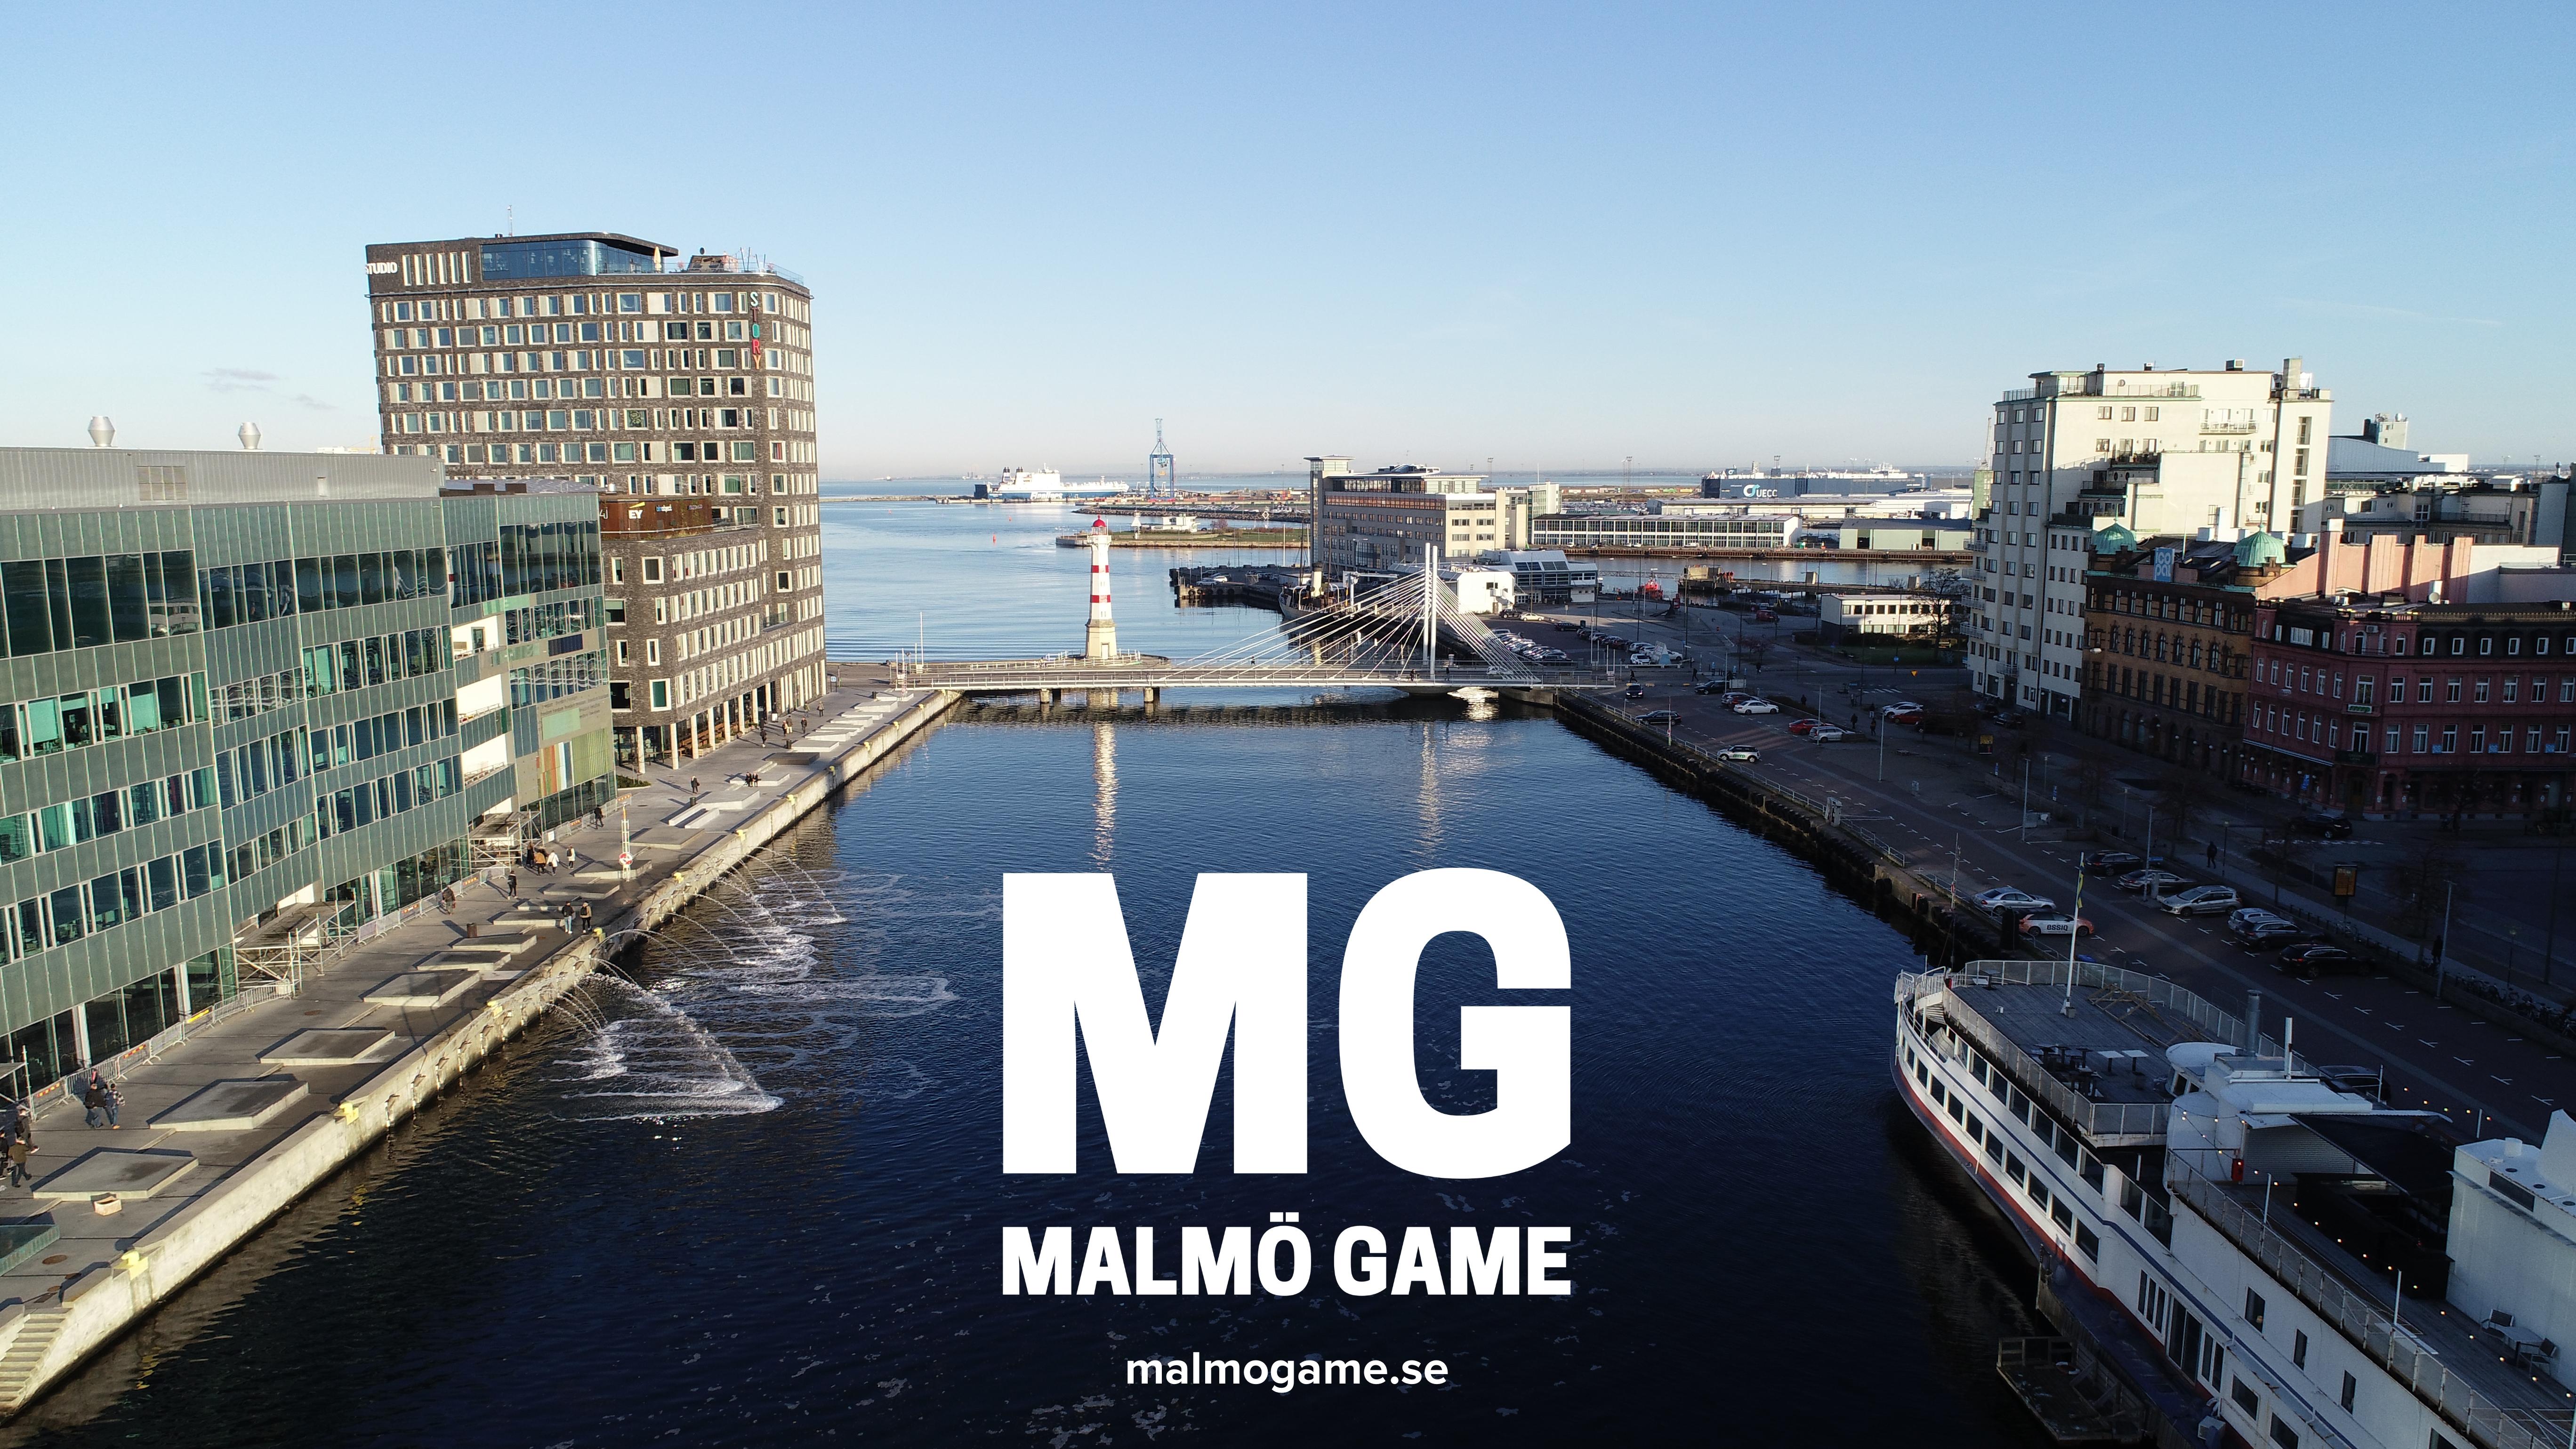 We are MG – Malmö Game